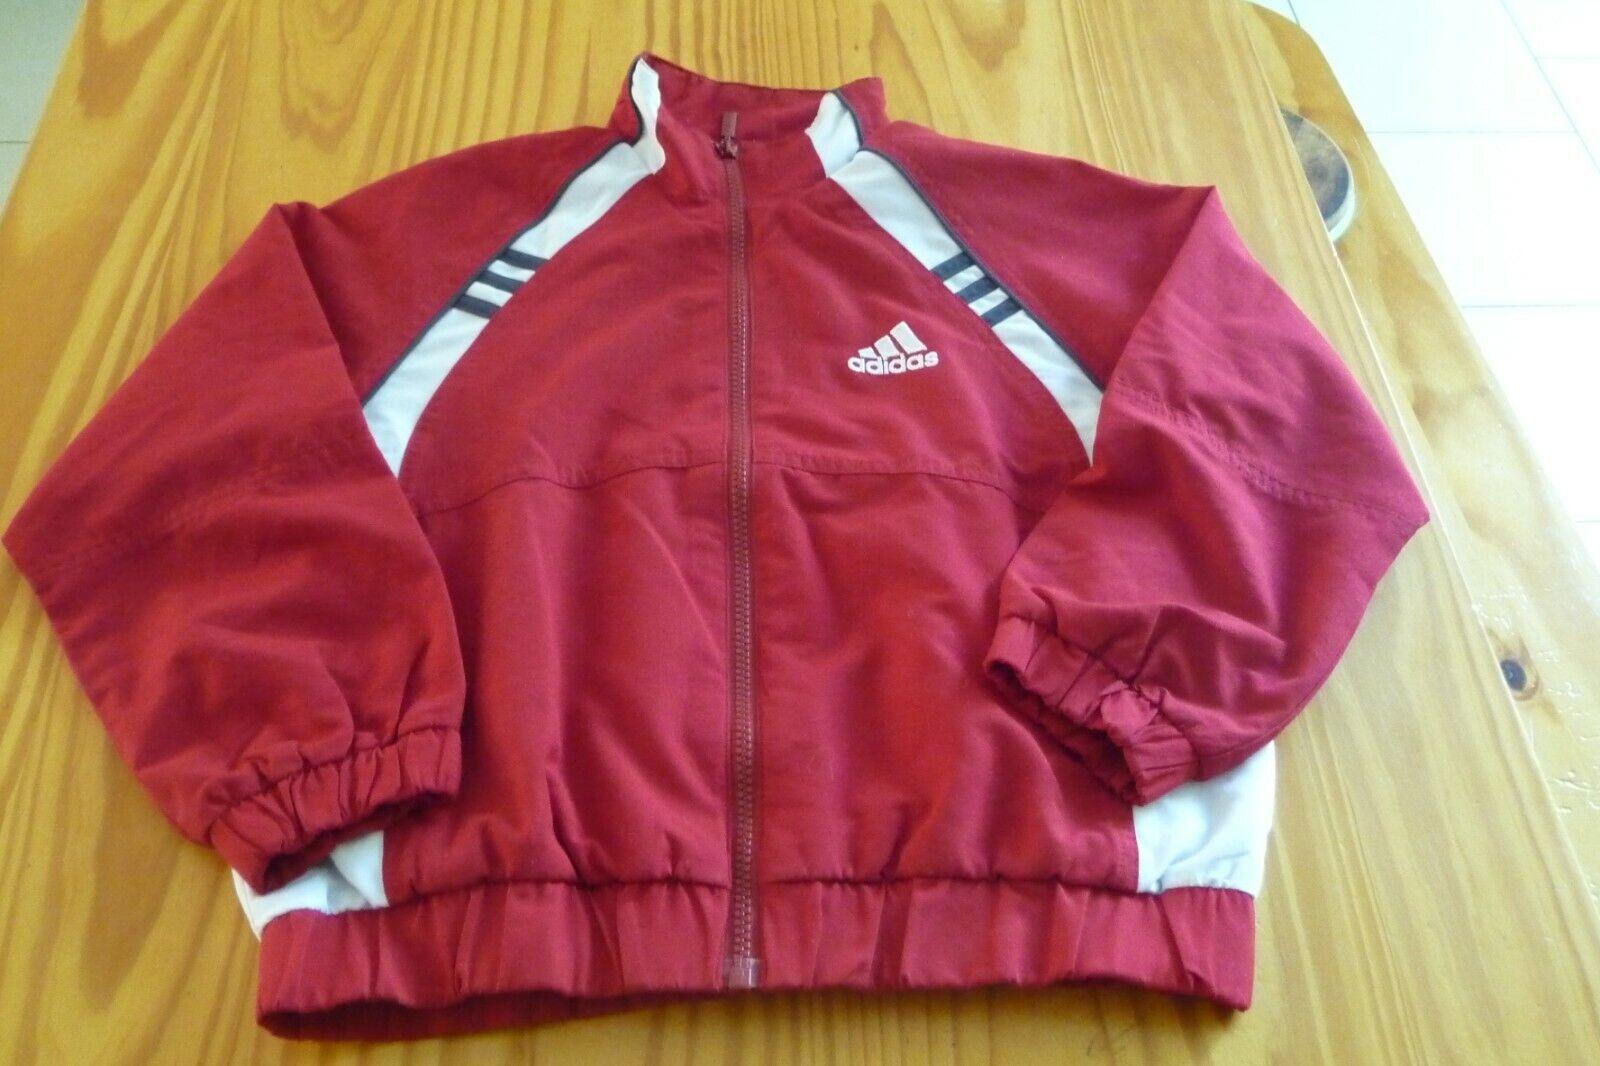 Veste de survetement/jogging adidas taille 8 ans